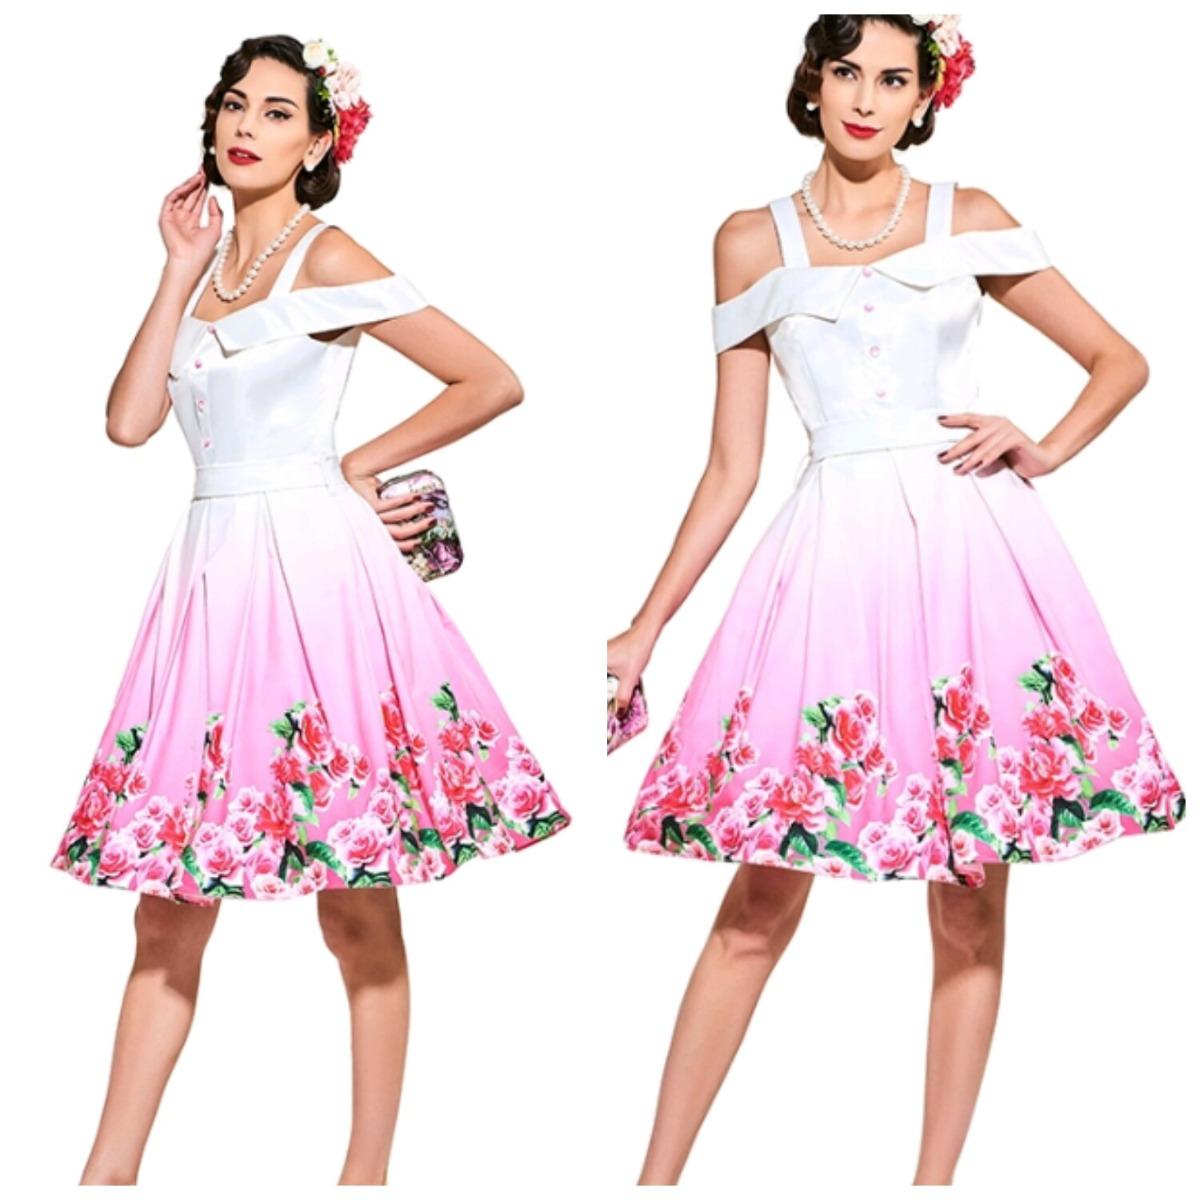 Increíble Vestido De Fiesta Estilo Años 50 Molde - Ideas de Vestido ...